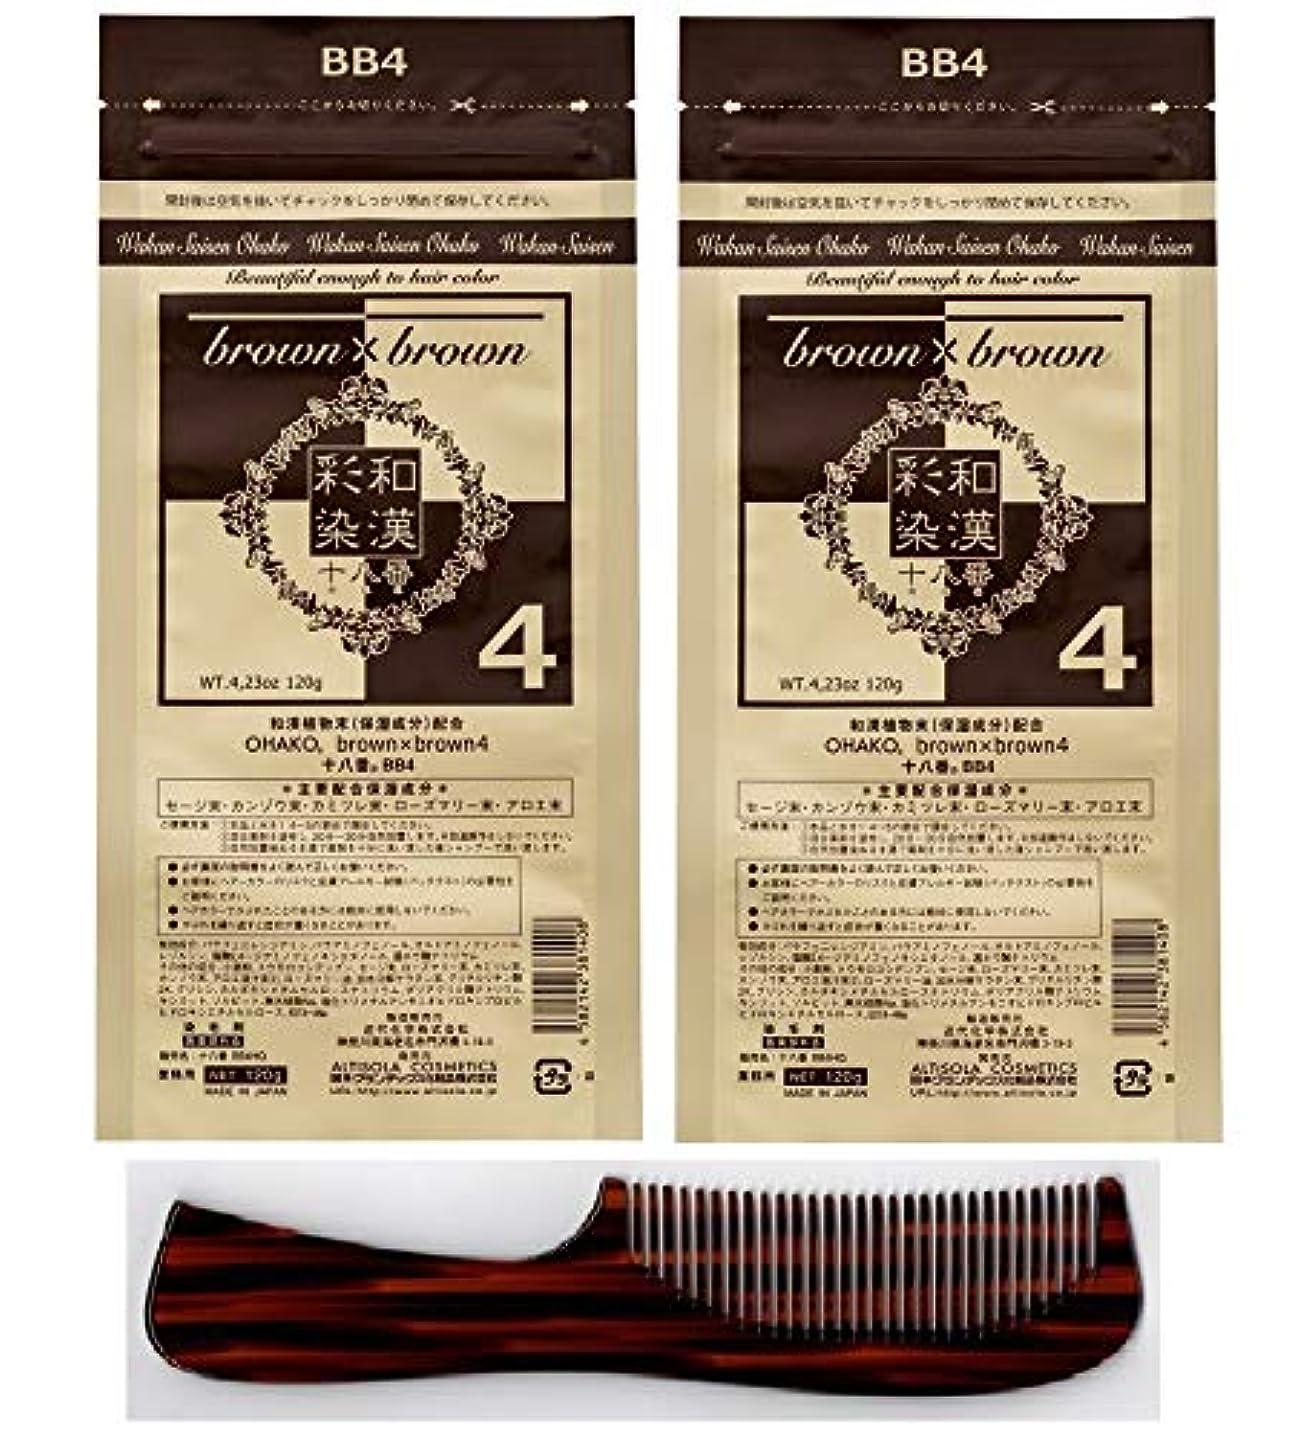 見る人感嘆チケット【2個セット+クシ付き】グランデックス 和漢彩染 十八番 120g BB4【2個+クシ付きセット】